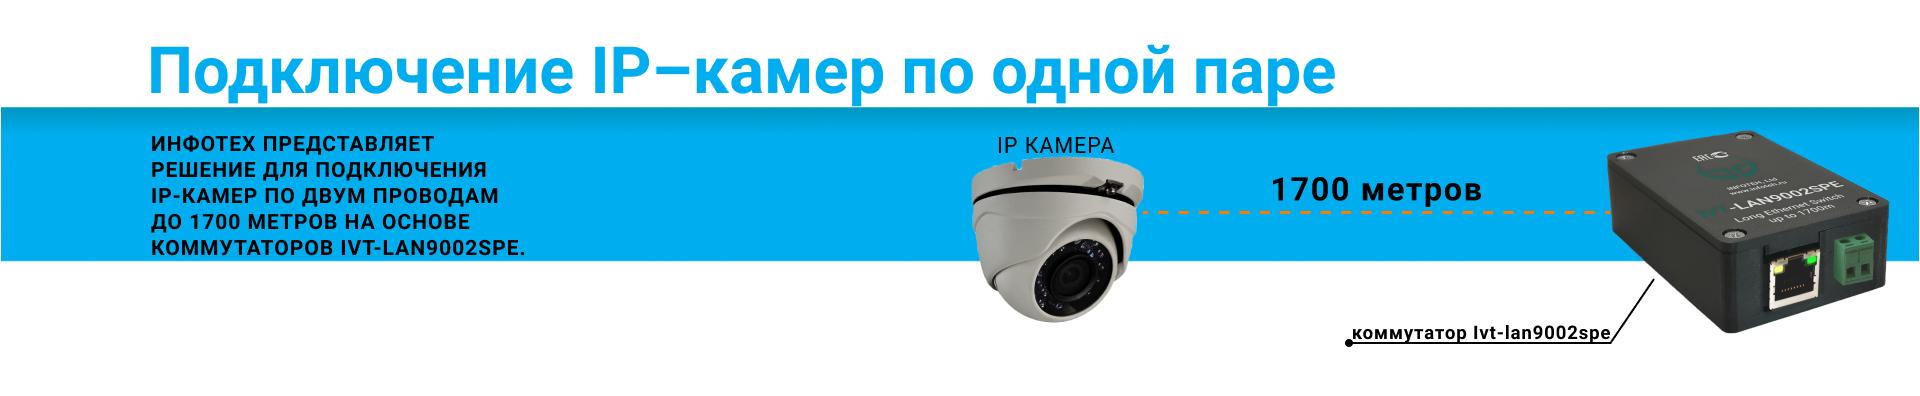 Подключение IP–камер по одной паре проводов